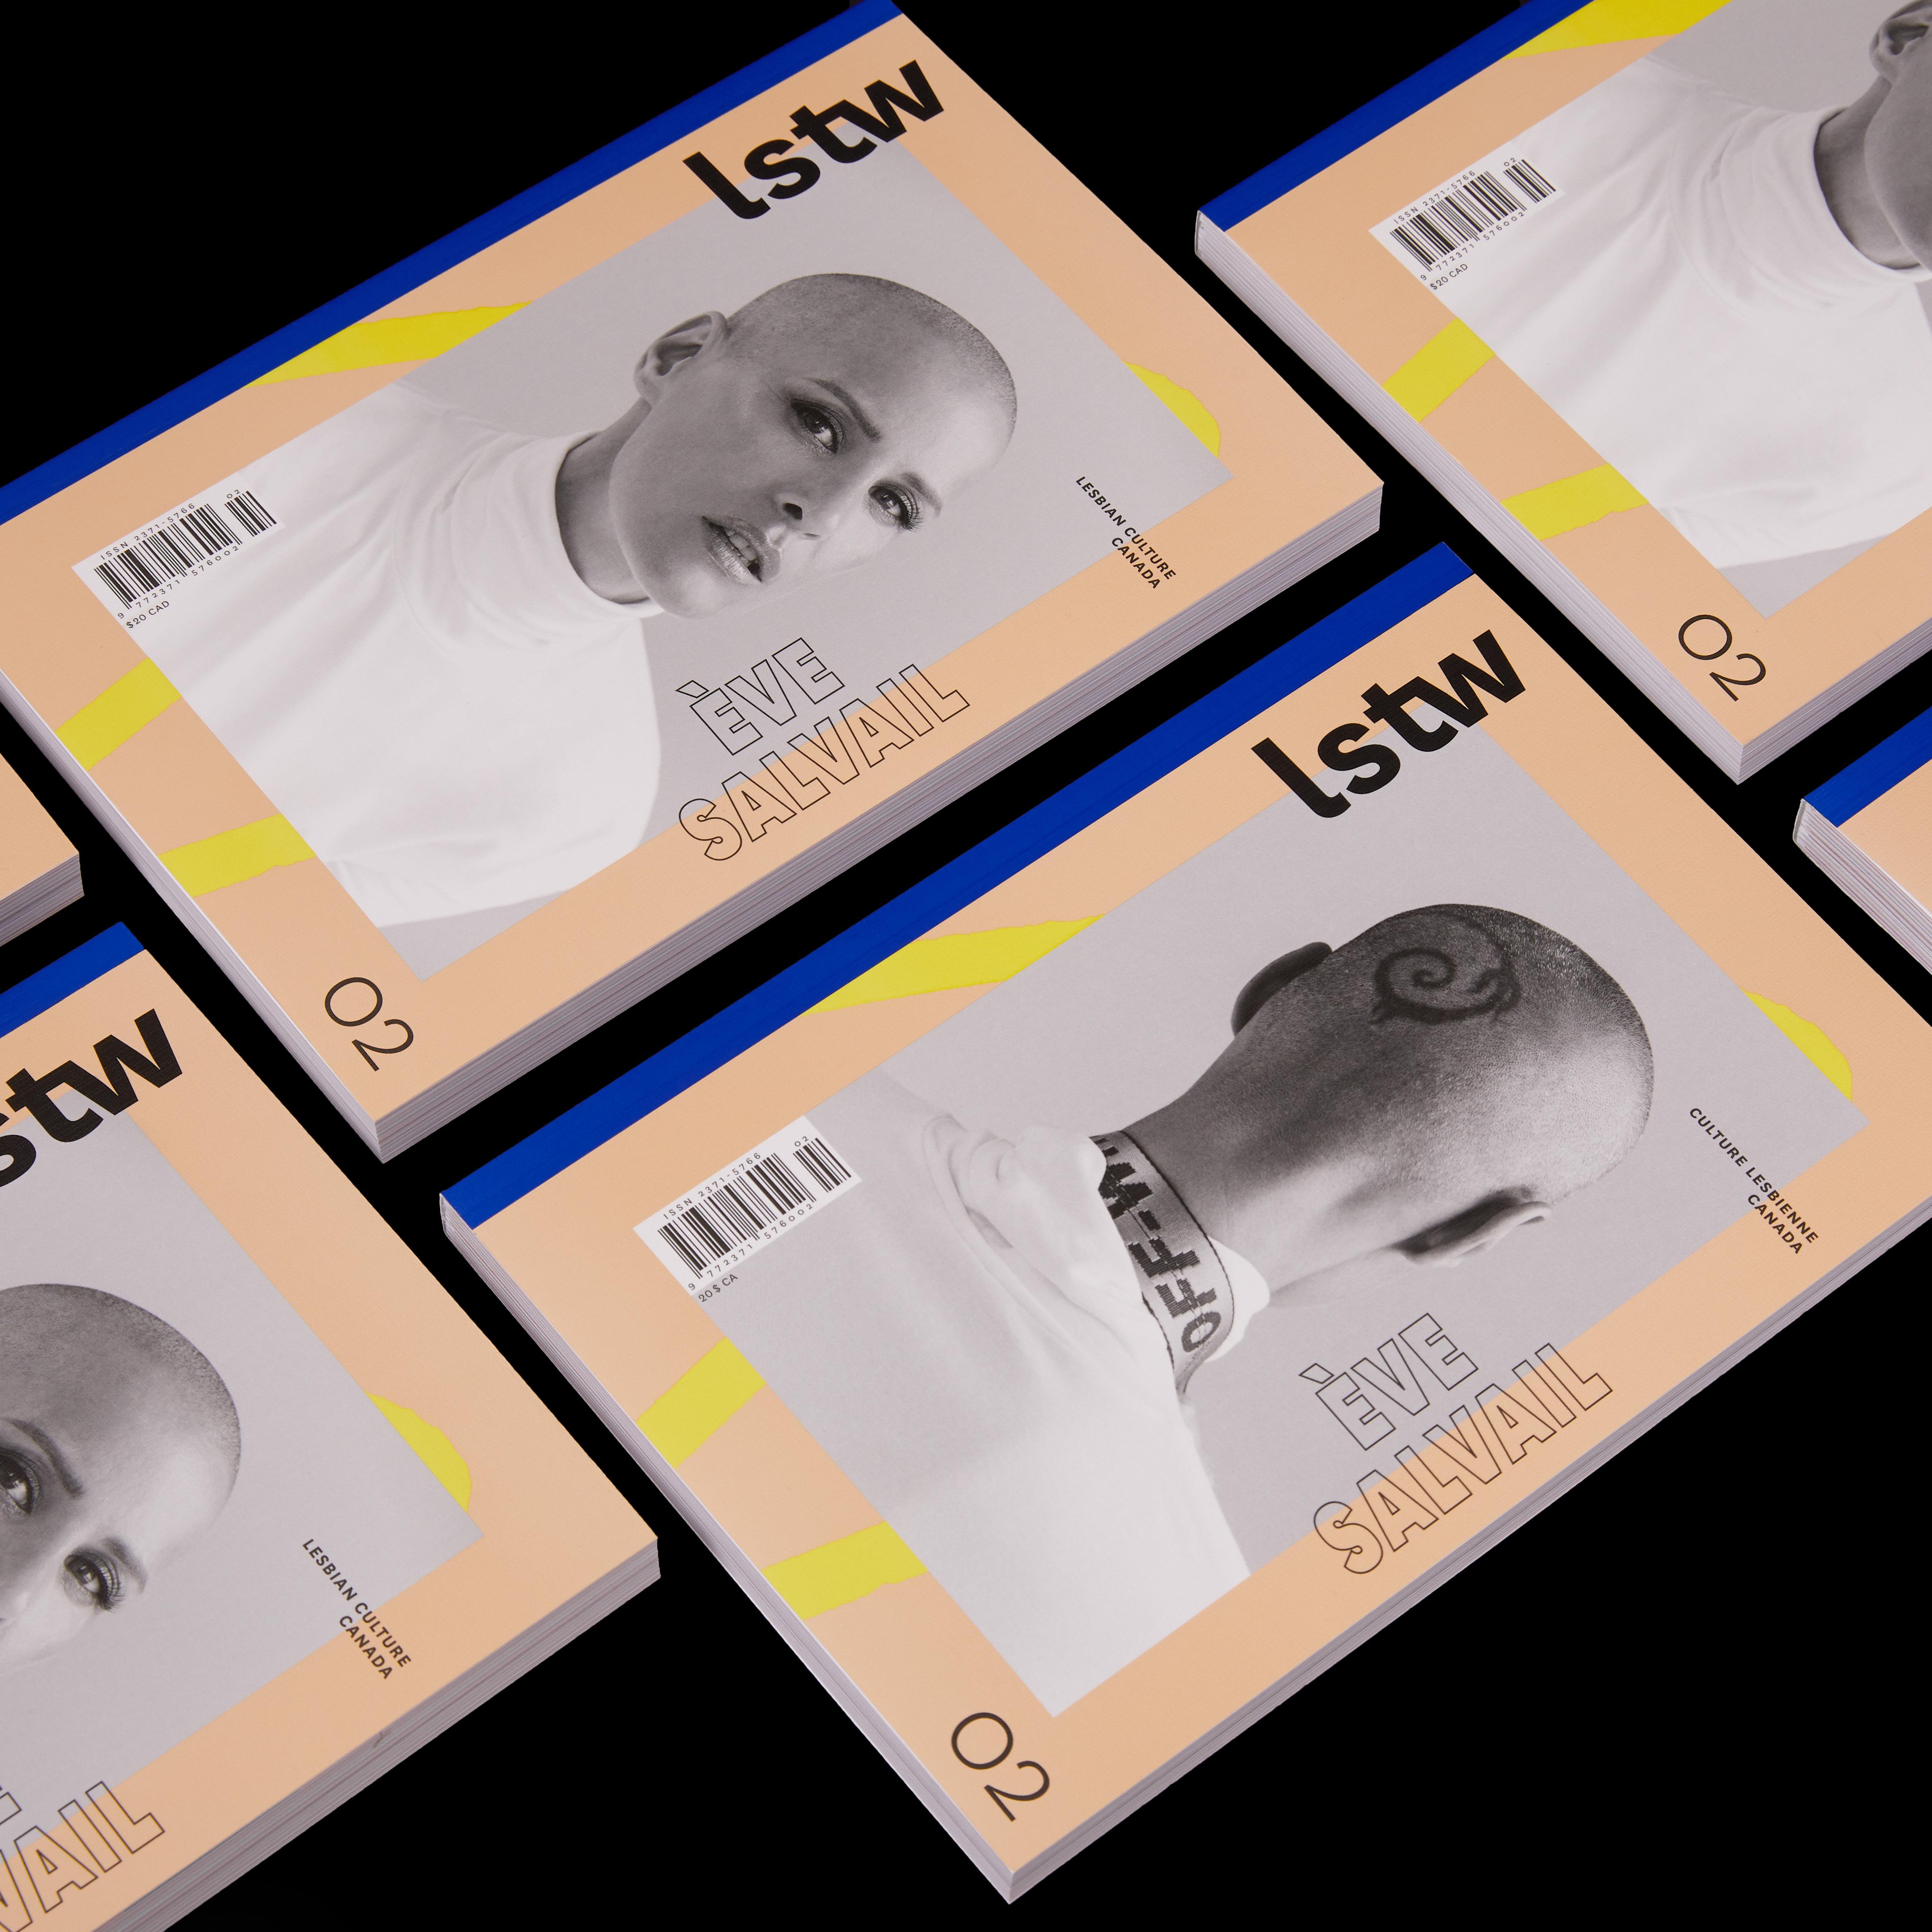 LSTW1